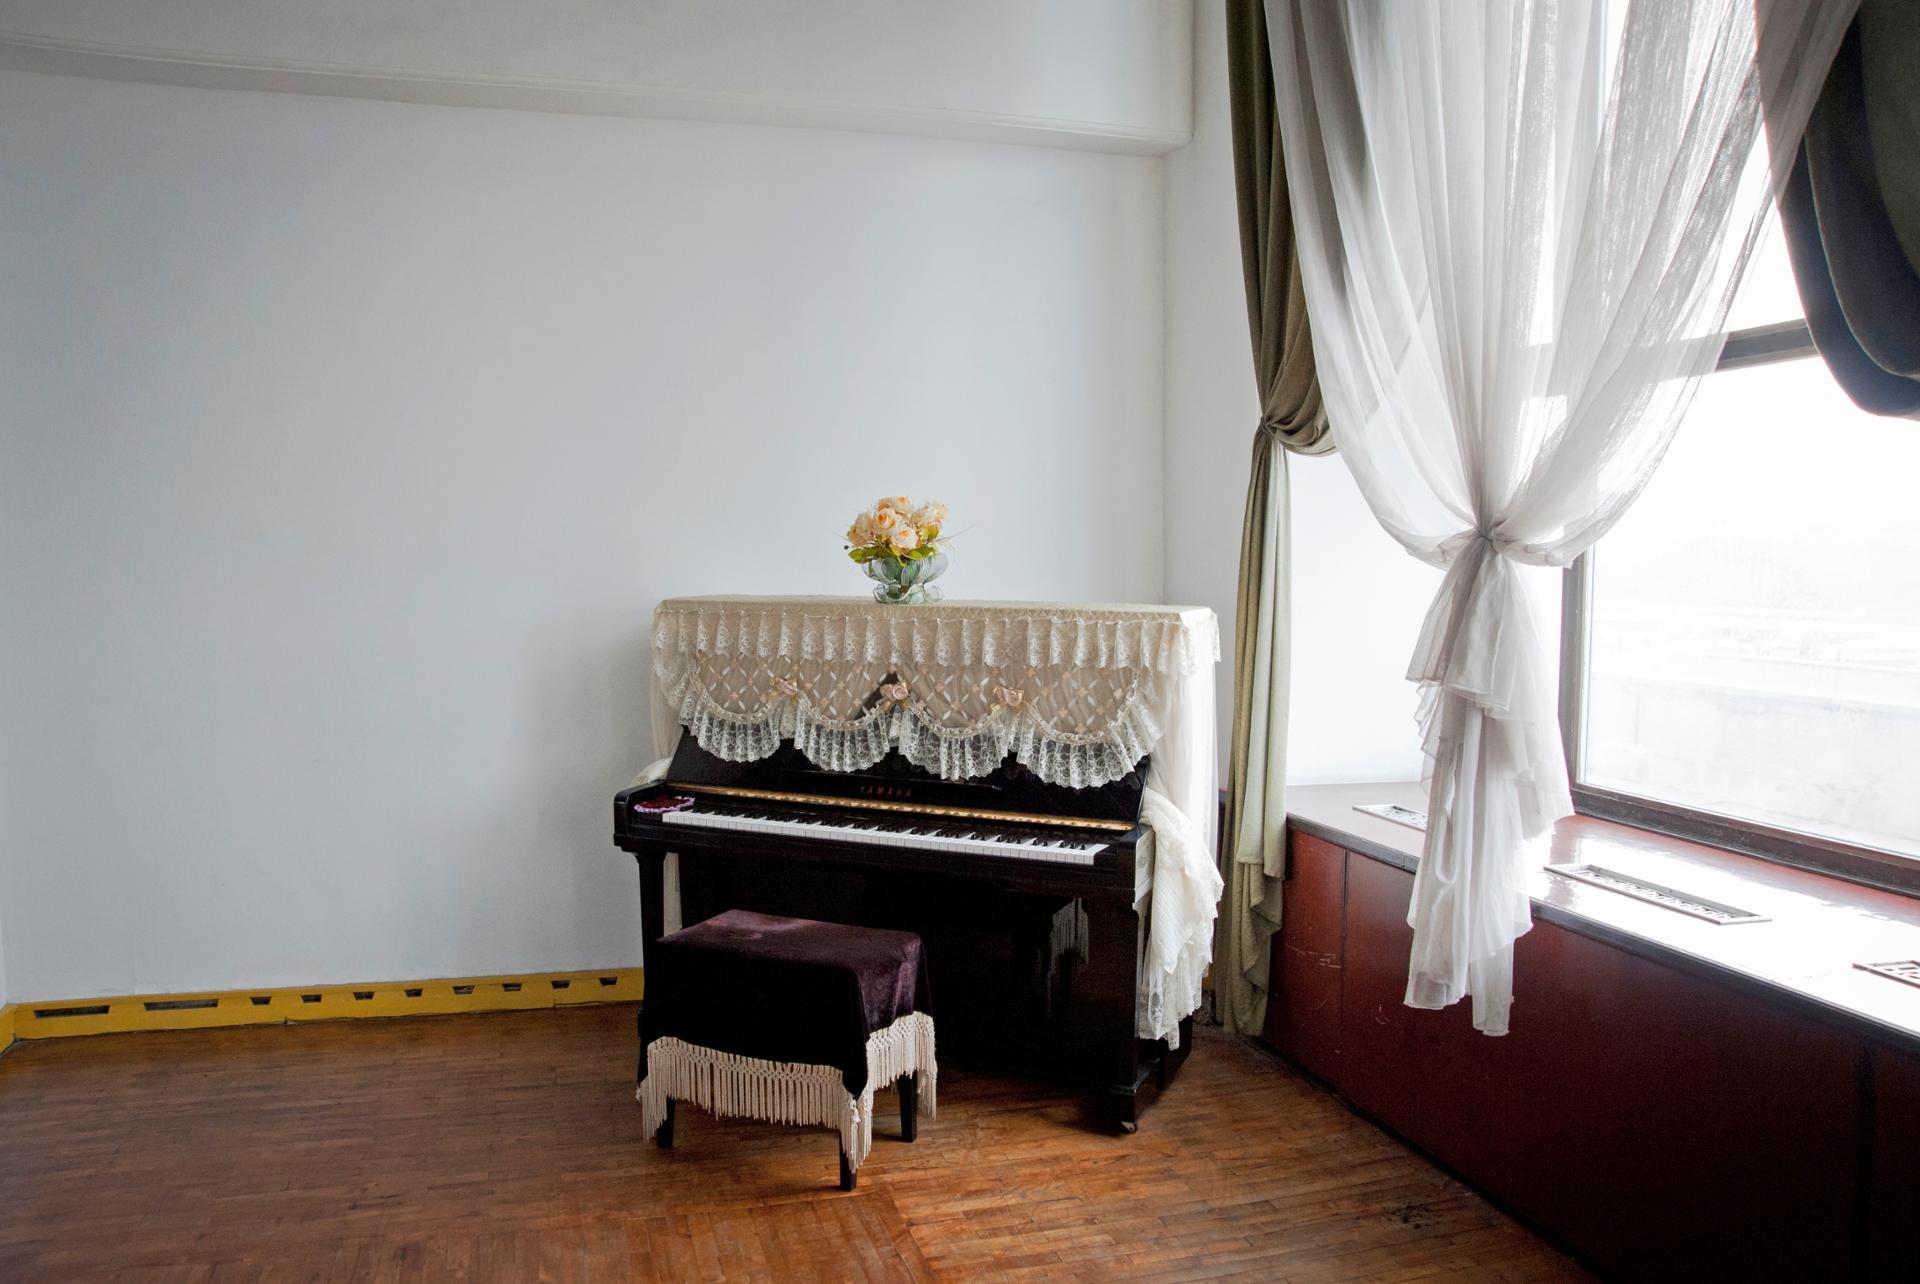 Le piano de la salle de répétition de danse classique au palais des enfants de Pyongyang.